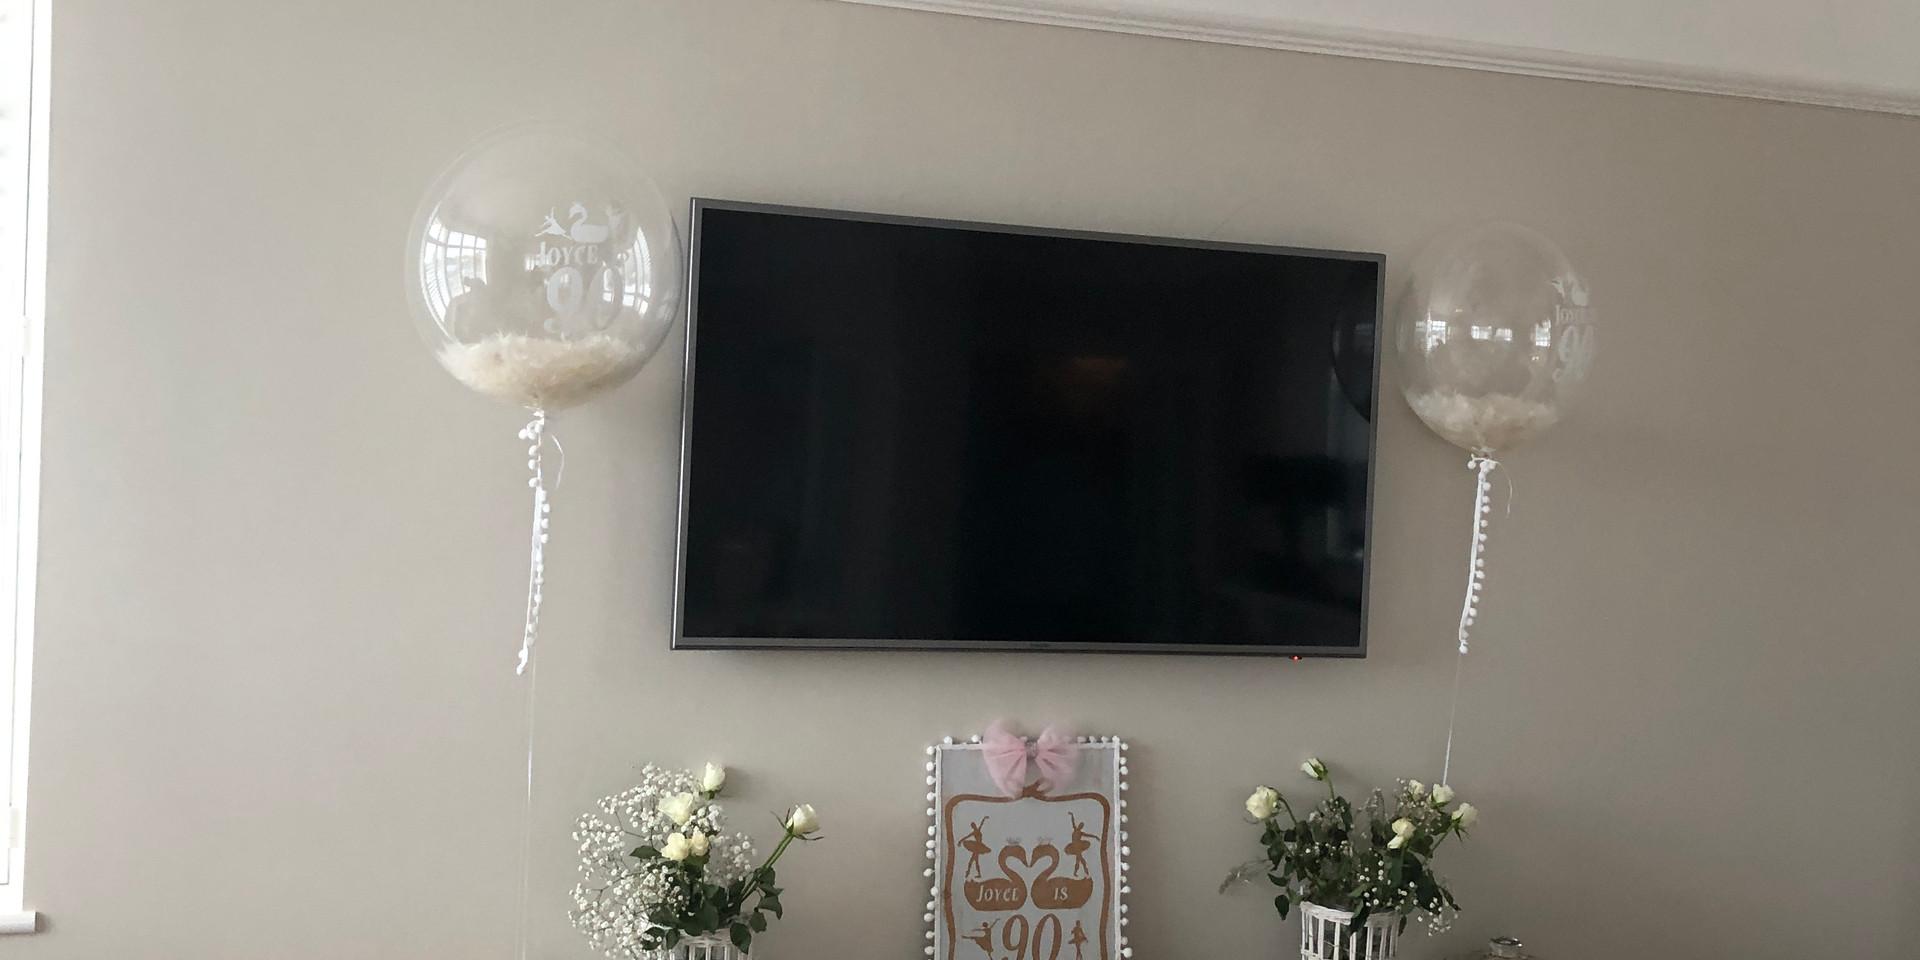 Bubbles make great decor